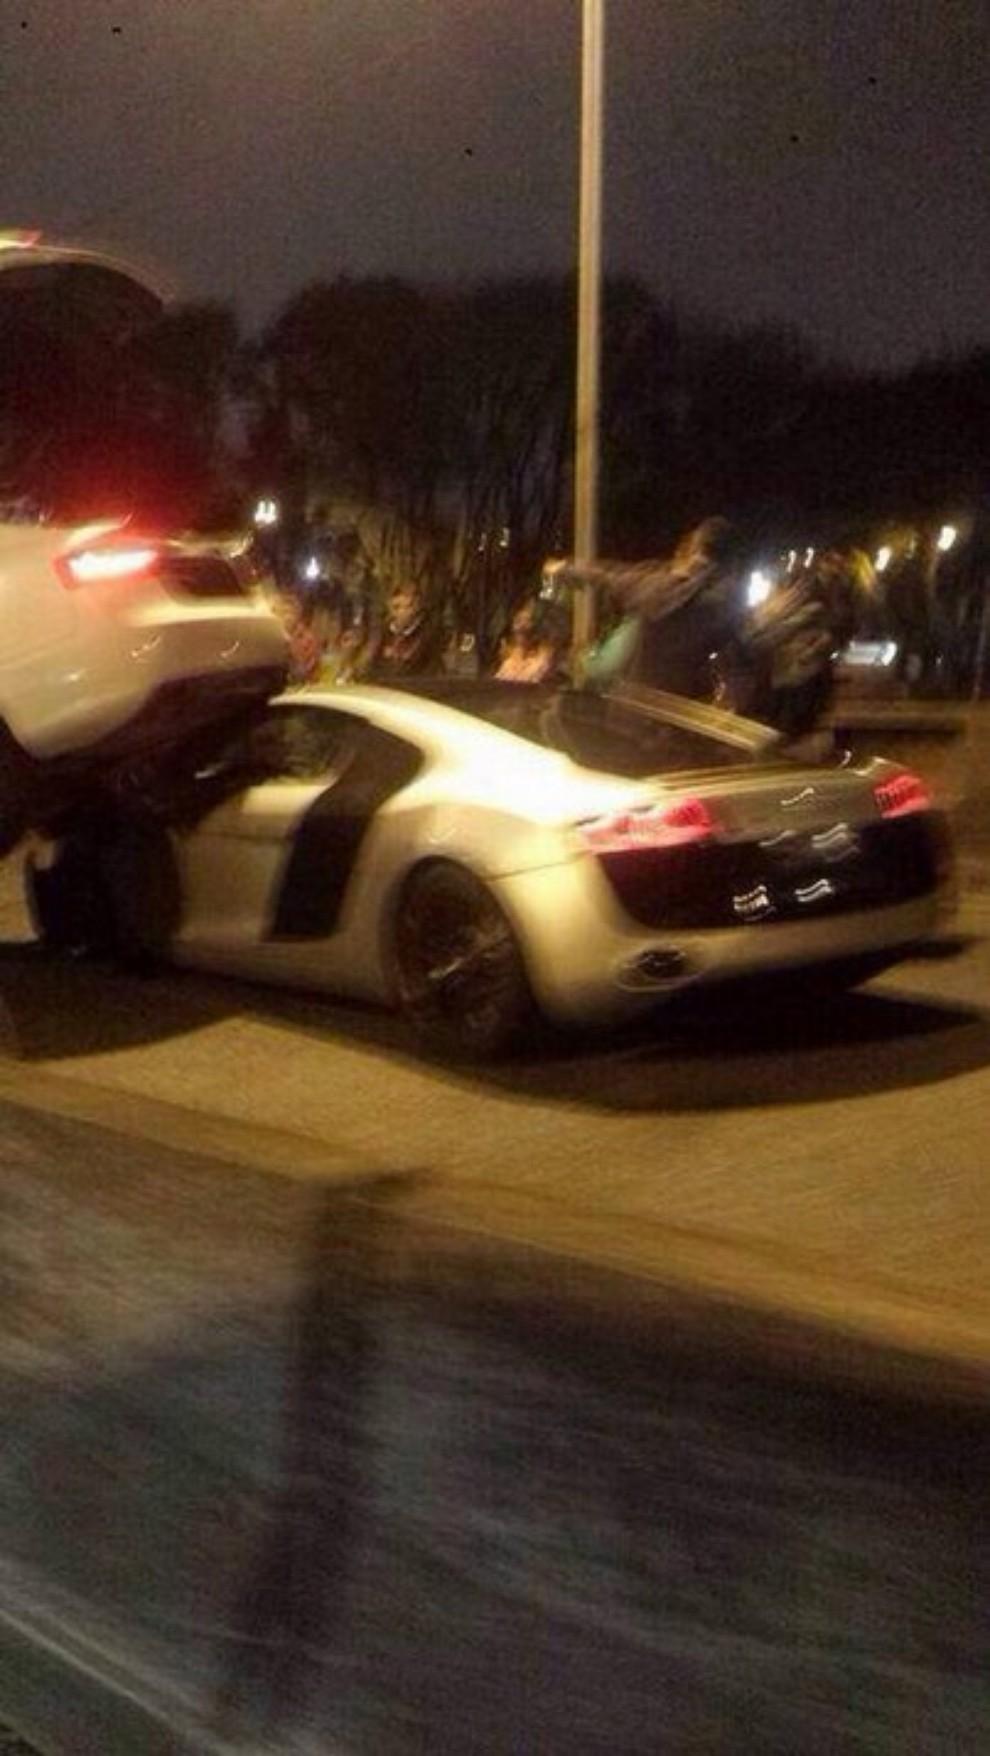 Audi R8 tampona violentemente una Audi A5 Sportback - Foto 3 di 4